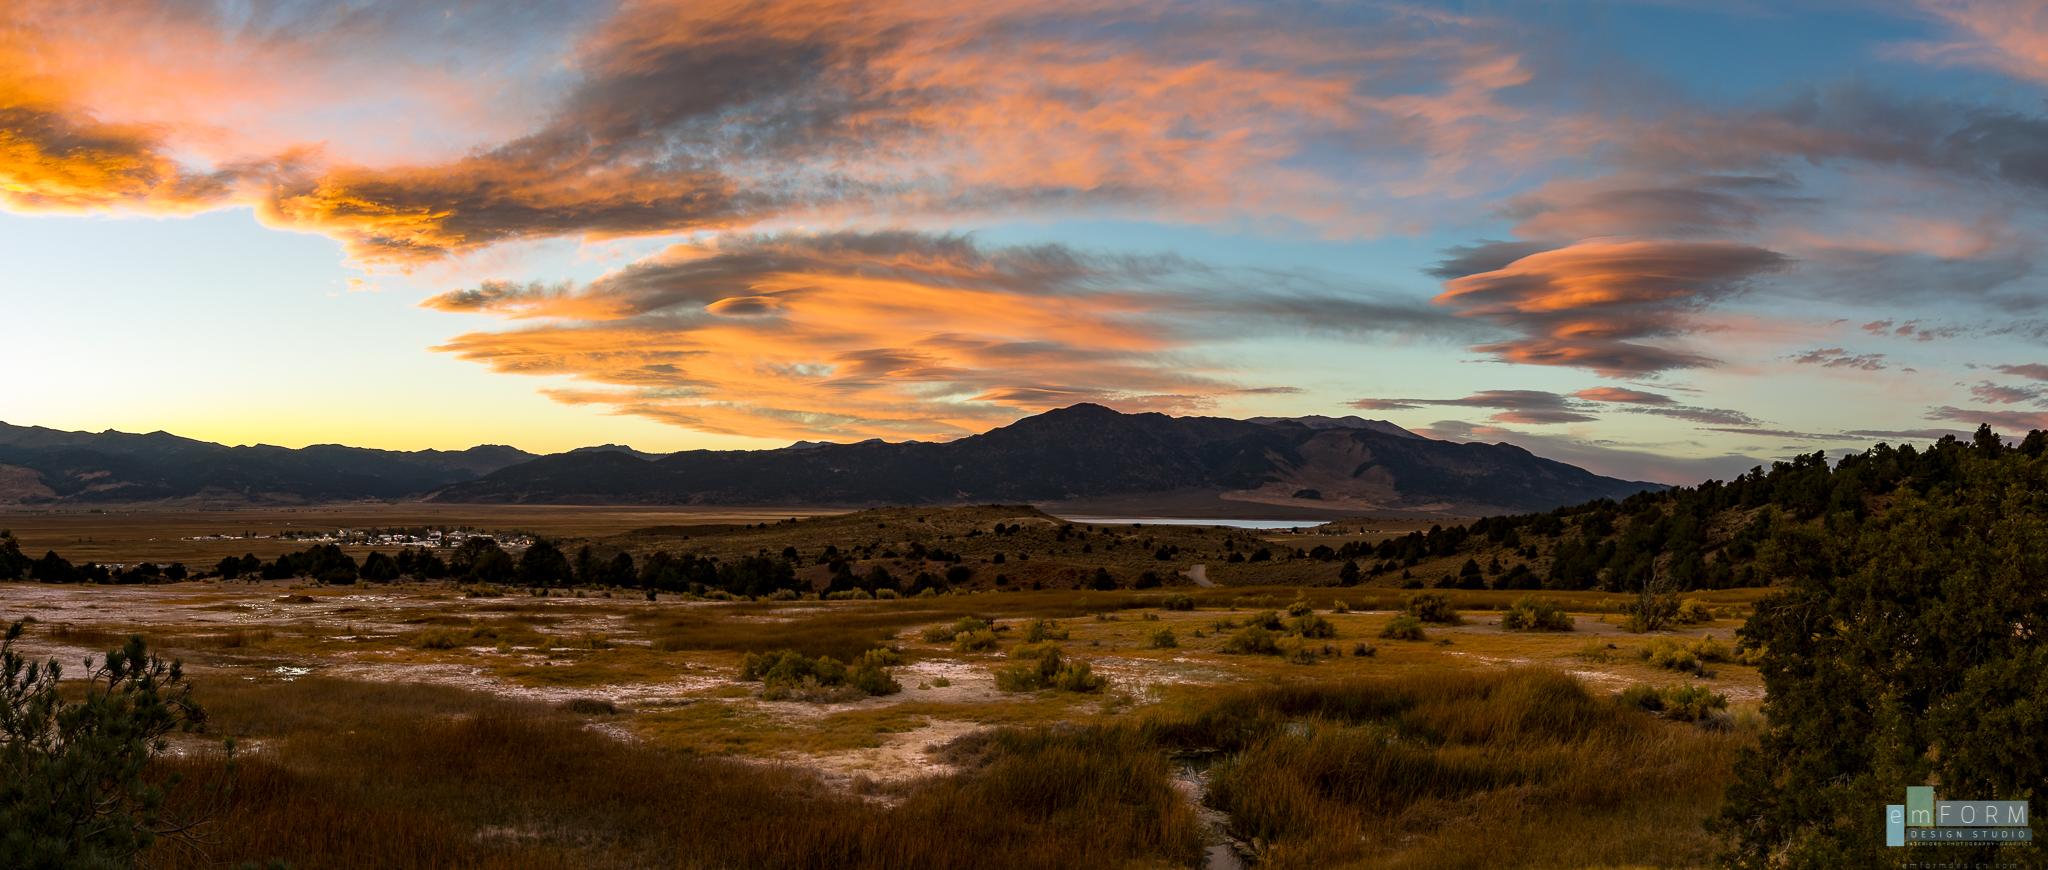 High Desert Sunset-1.jpg